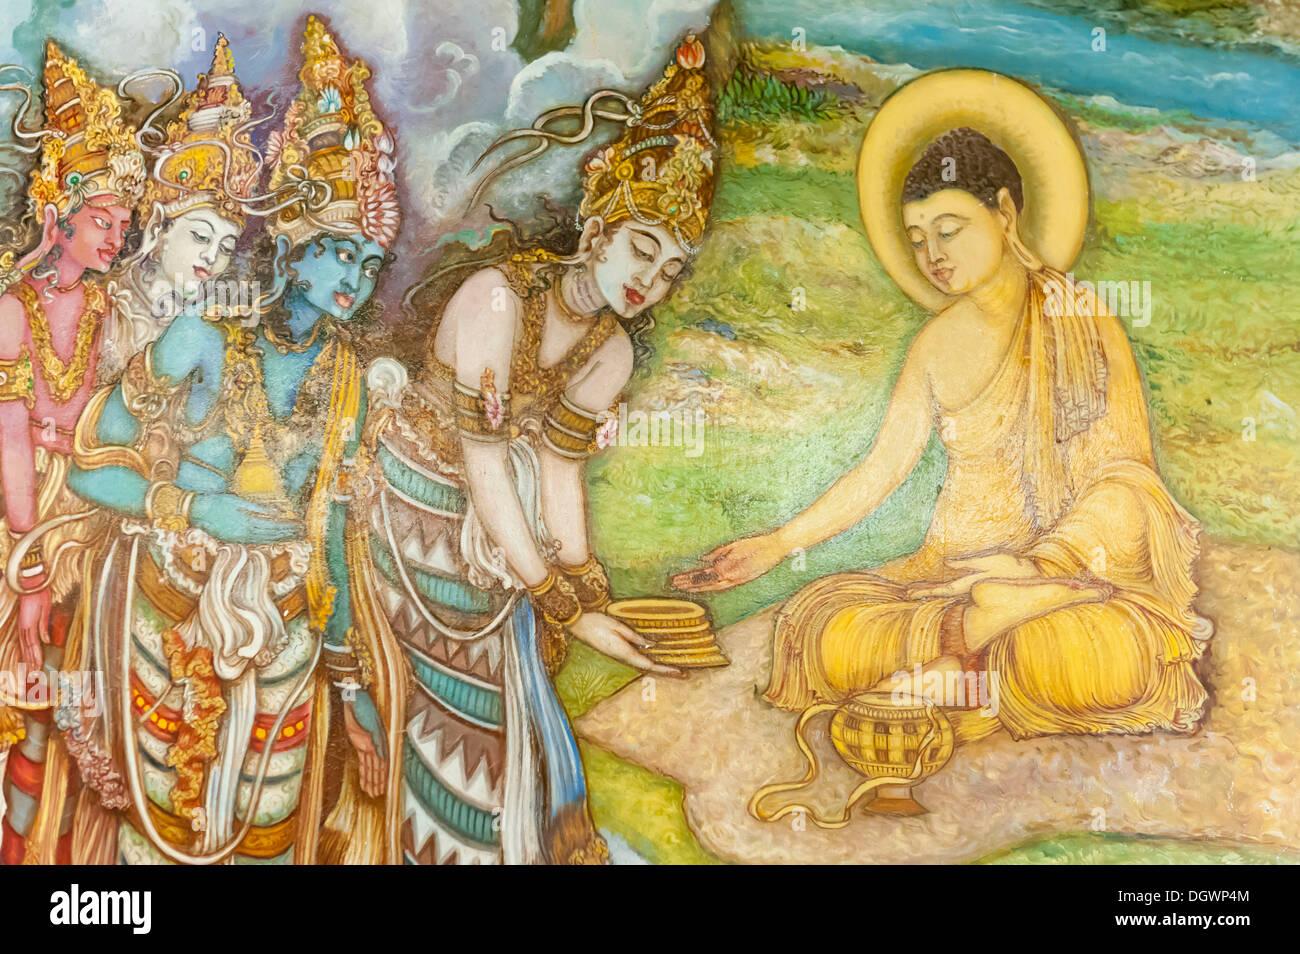 La pintura mural, ilustración y adoradores de Buda, el templo budista, Mahiyangana Mahiyangana, Sri Lanka Imagen De Stock